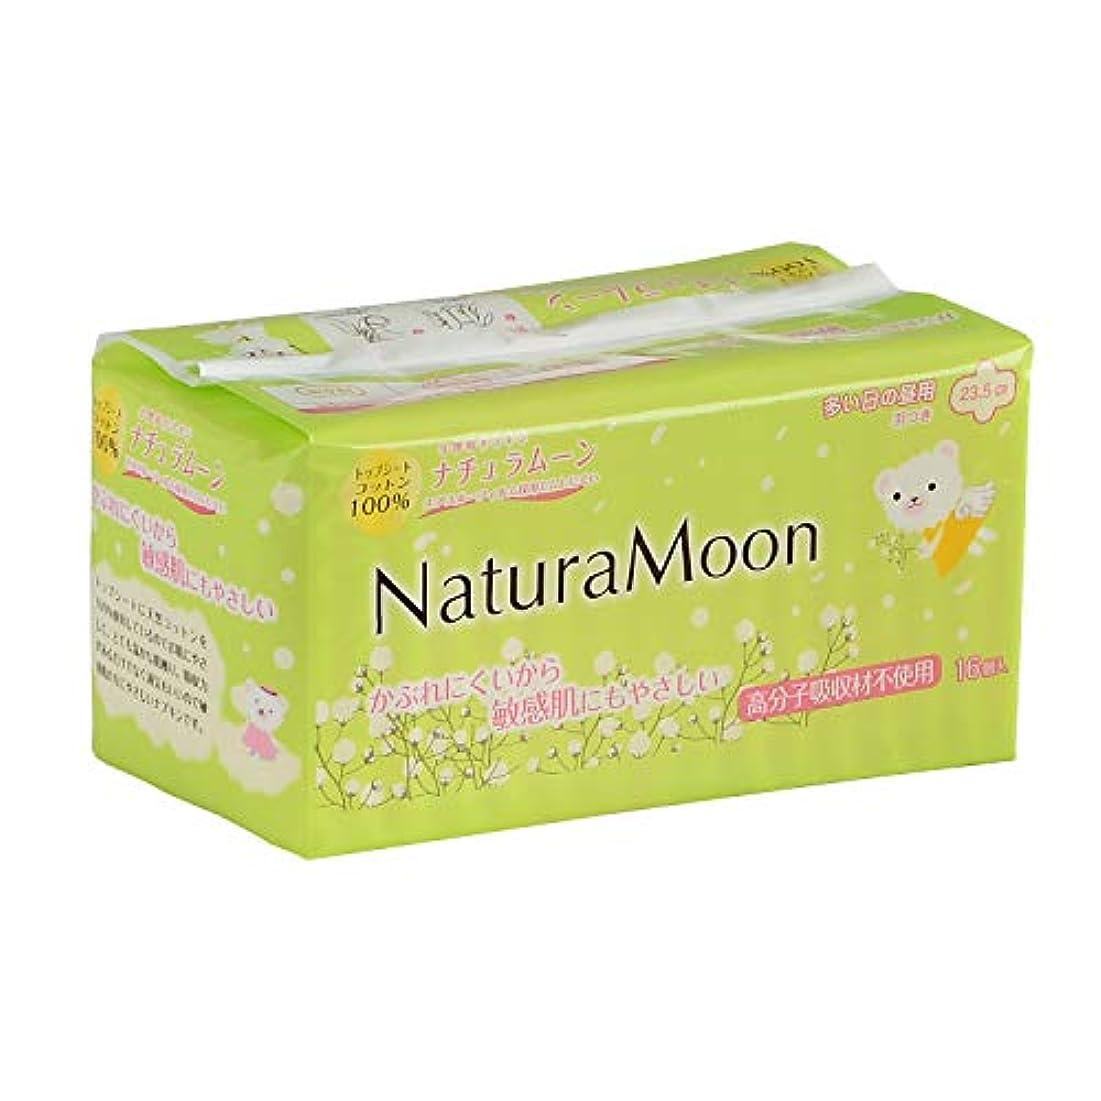 憂慮すべき引き付ける古風なナチュラムーン 生理用ナプキン 多い日の昼用(羽つき) 16個入